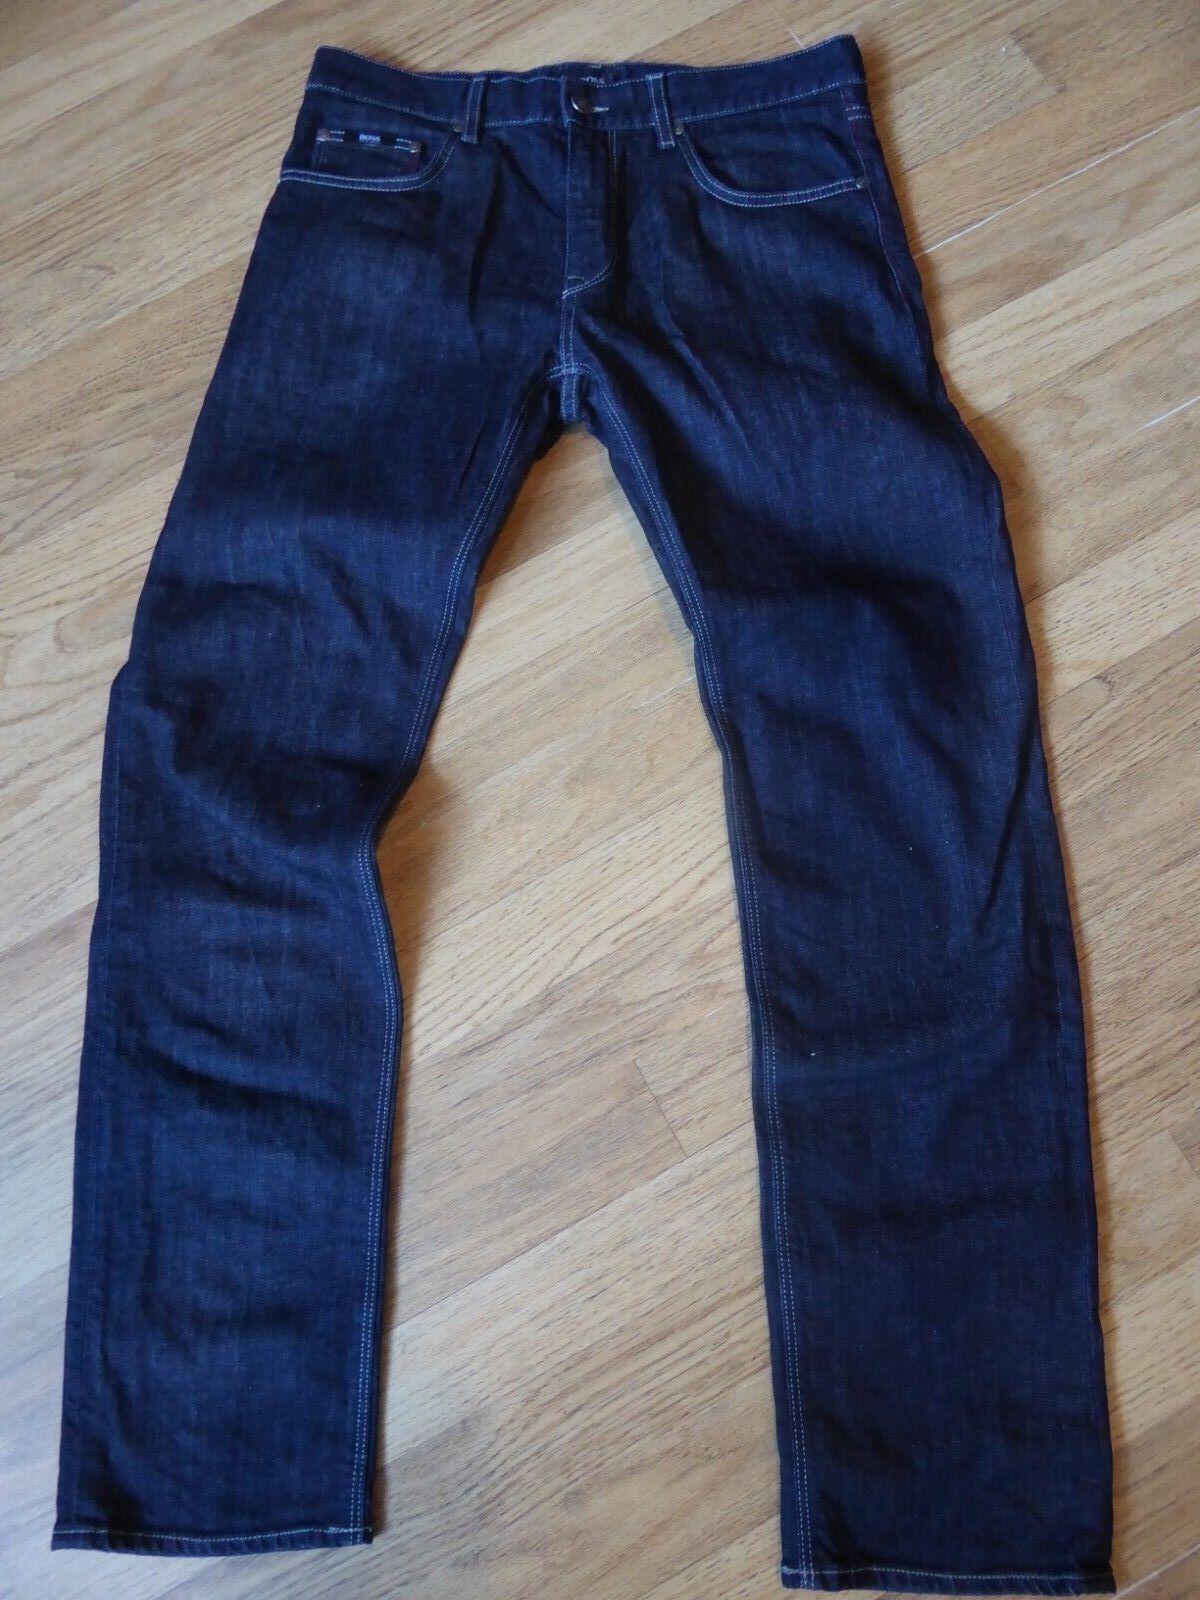 46d0d28d Mens HUGO BOSS jeans size 32 mint condition - 32 nrzqxu787-Jeans ...